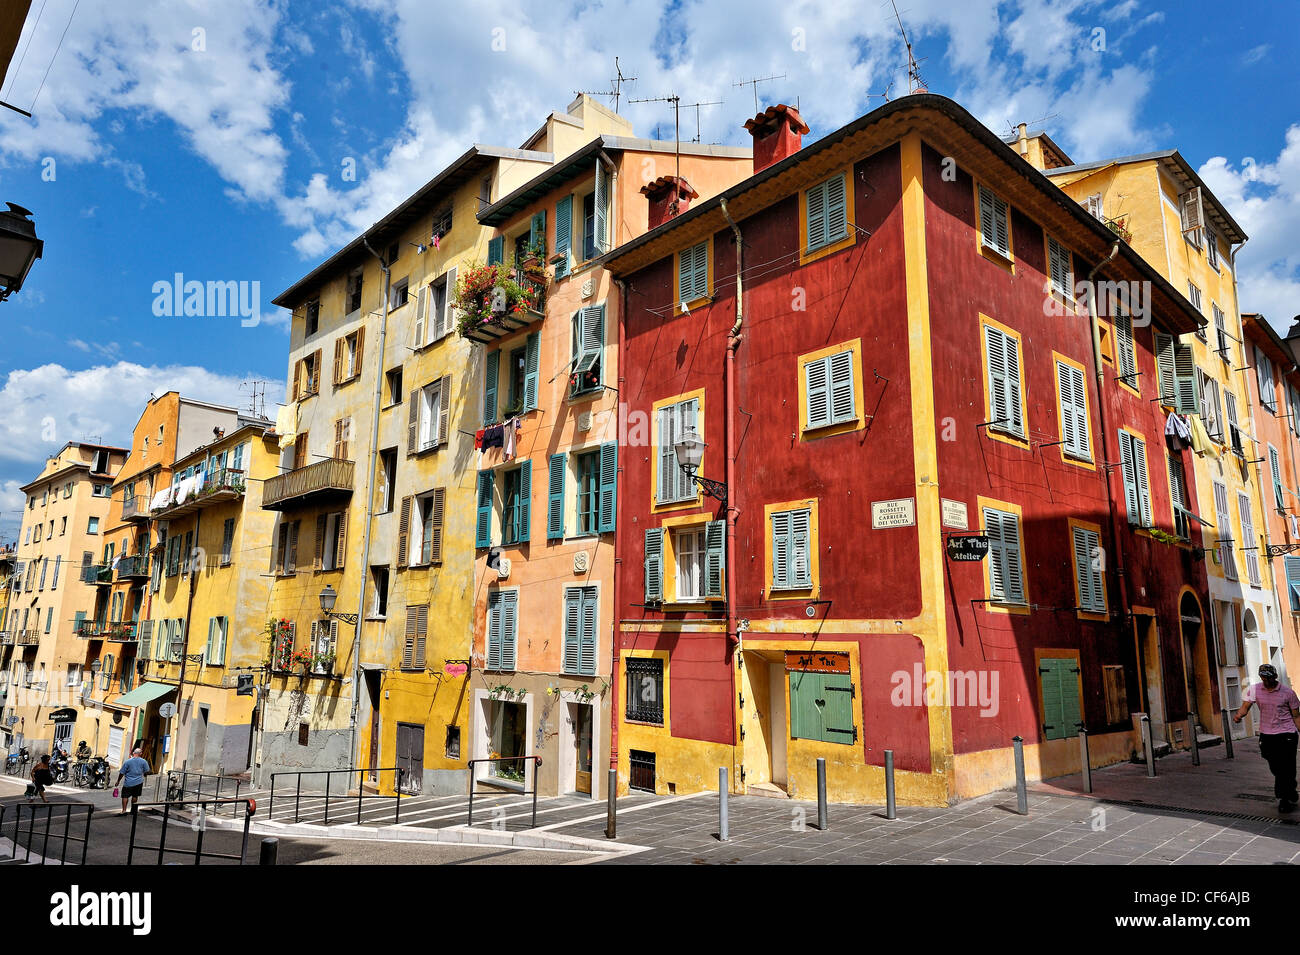 La città vecchia, Nizza cote d'Azur, in Francia. Immagini Stock